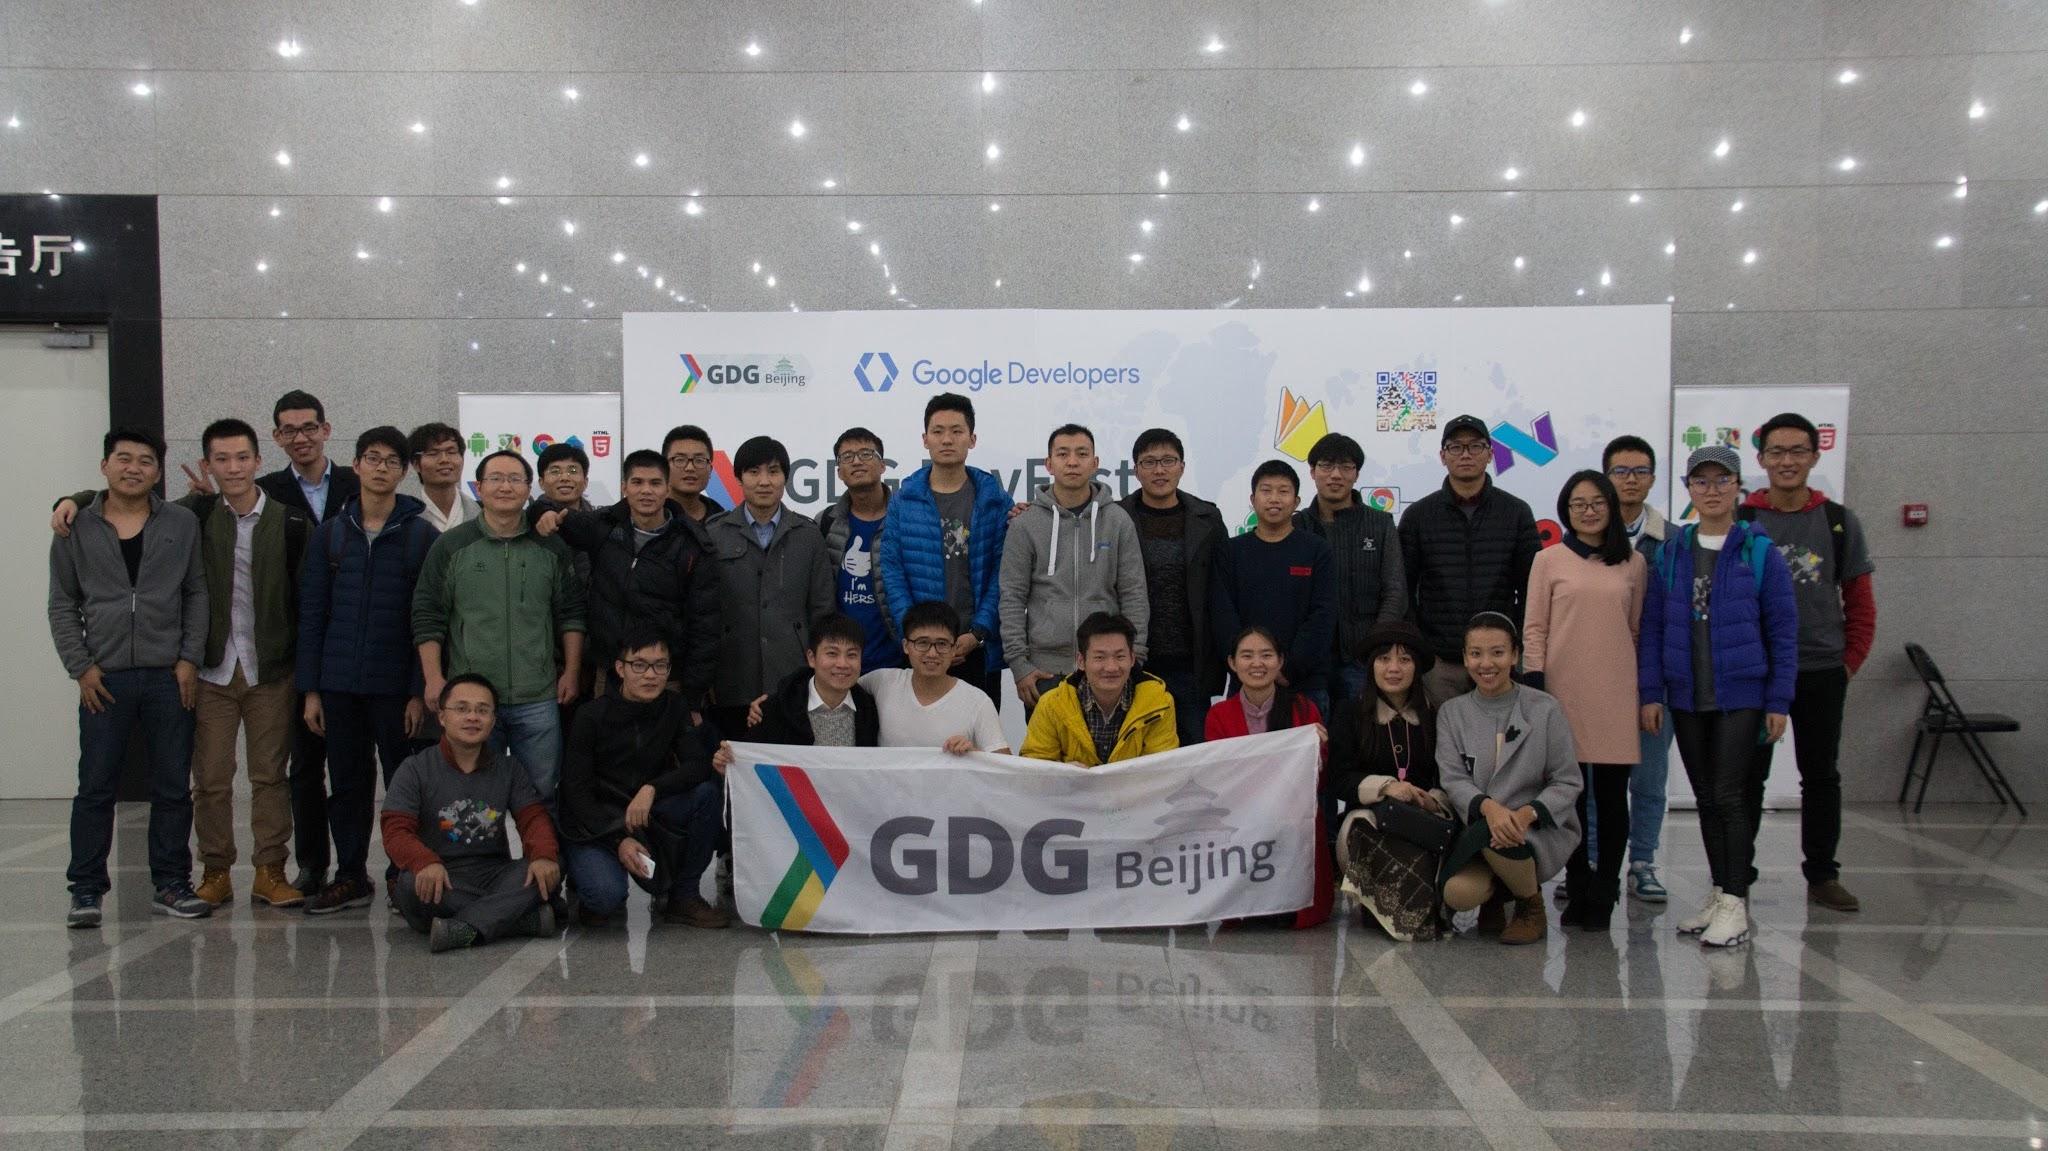 GDG Beijing